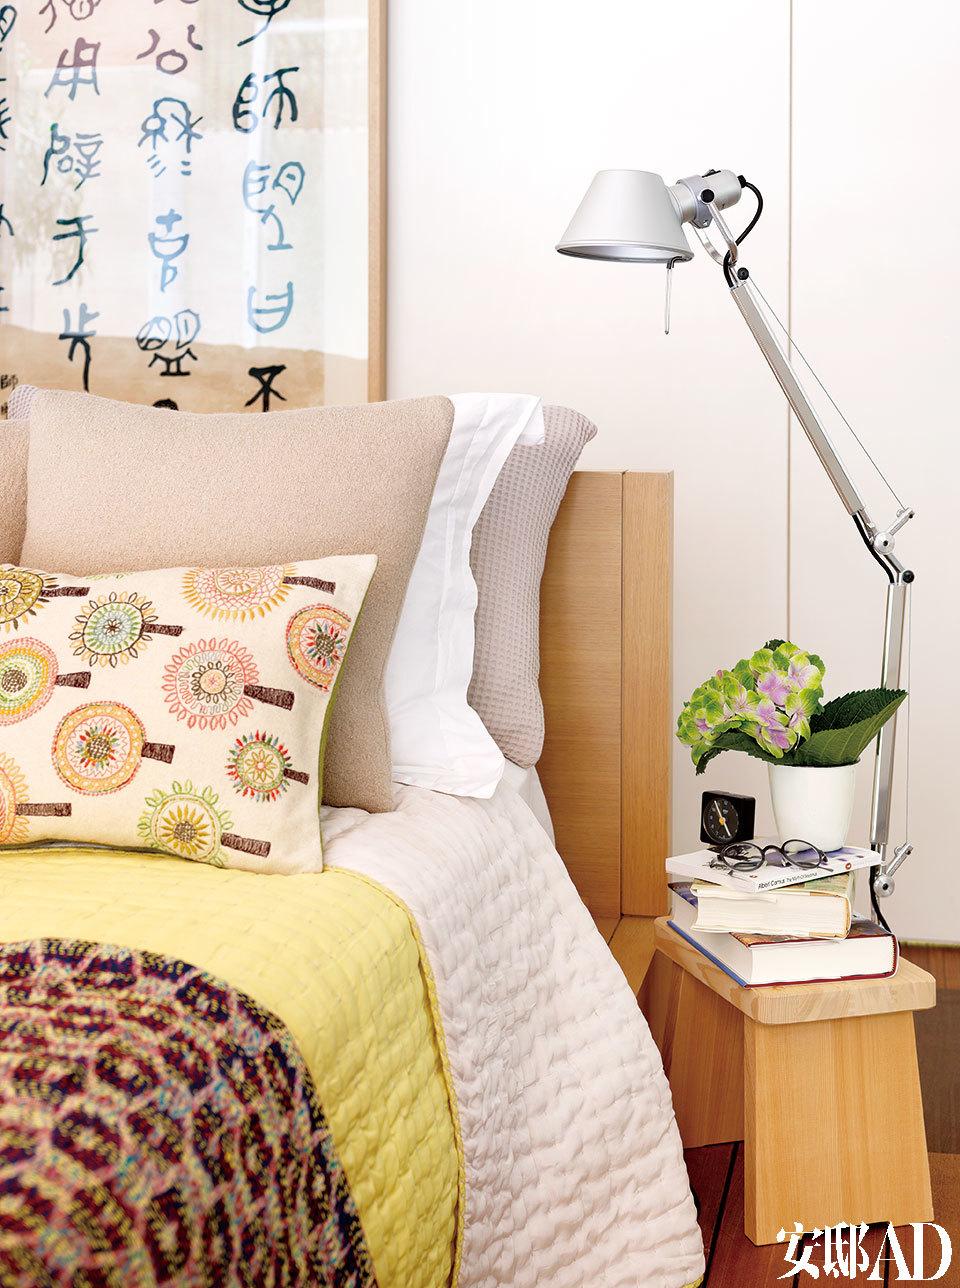 夫妇俩的卧室是一个令人舒缓的空间,一幅晚清时期谢增的书法添色不少。 卧室,日式小凳子来自无印良品,做床头柜恰到好处,刚好够放一摞书,床头灯来自Artemide。